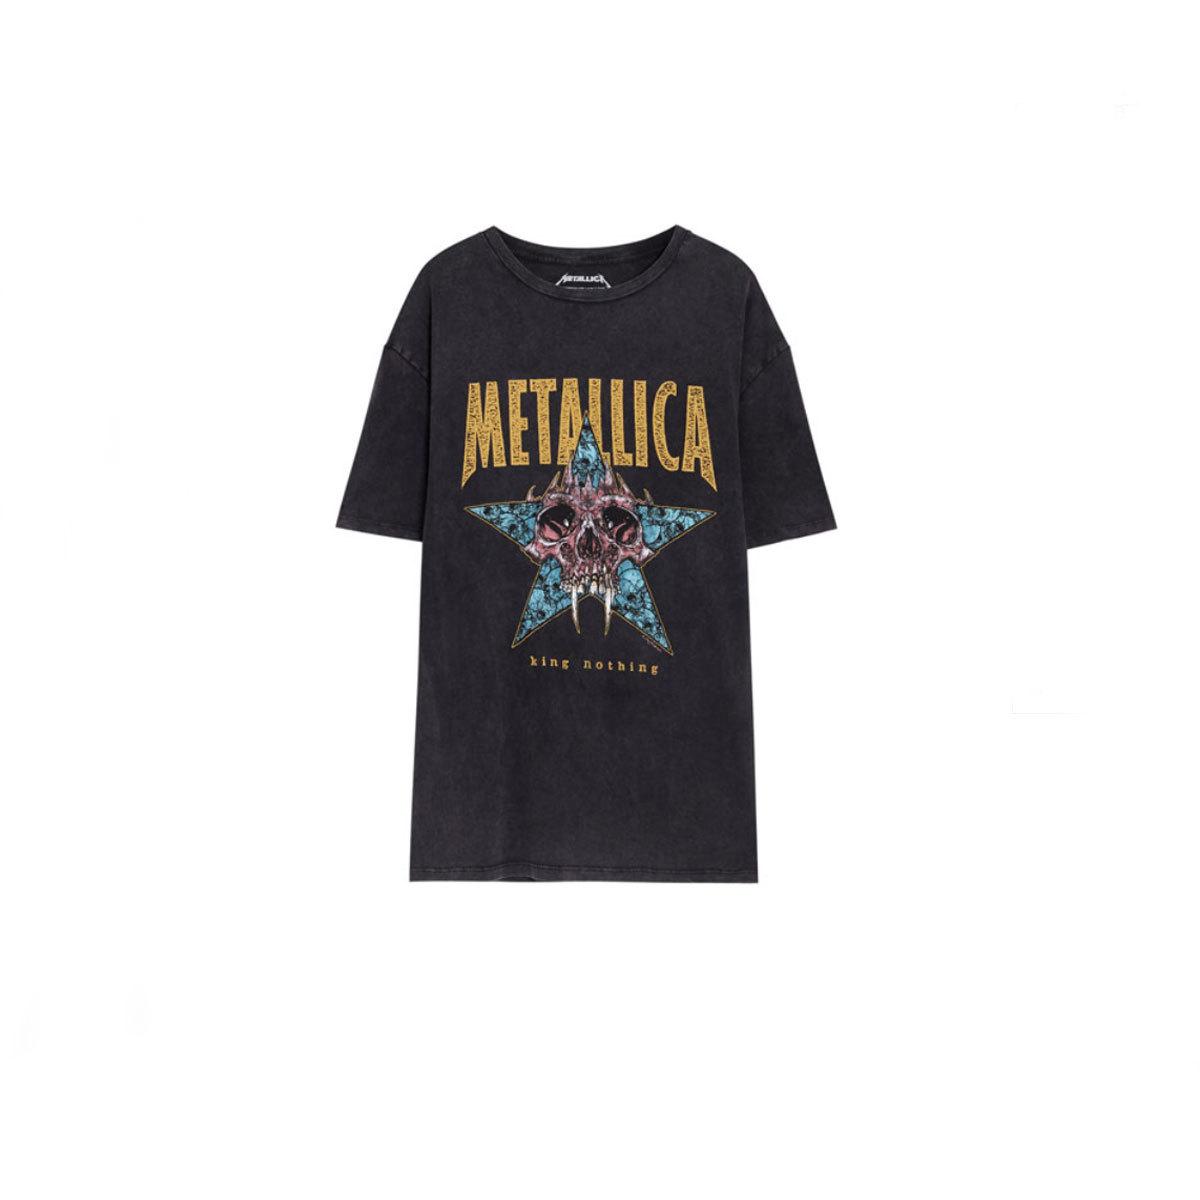 Camiseta de Metallica, de Pull&Bear (14,59 euros).